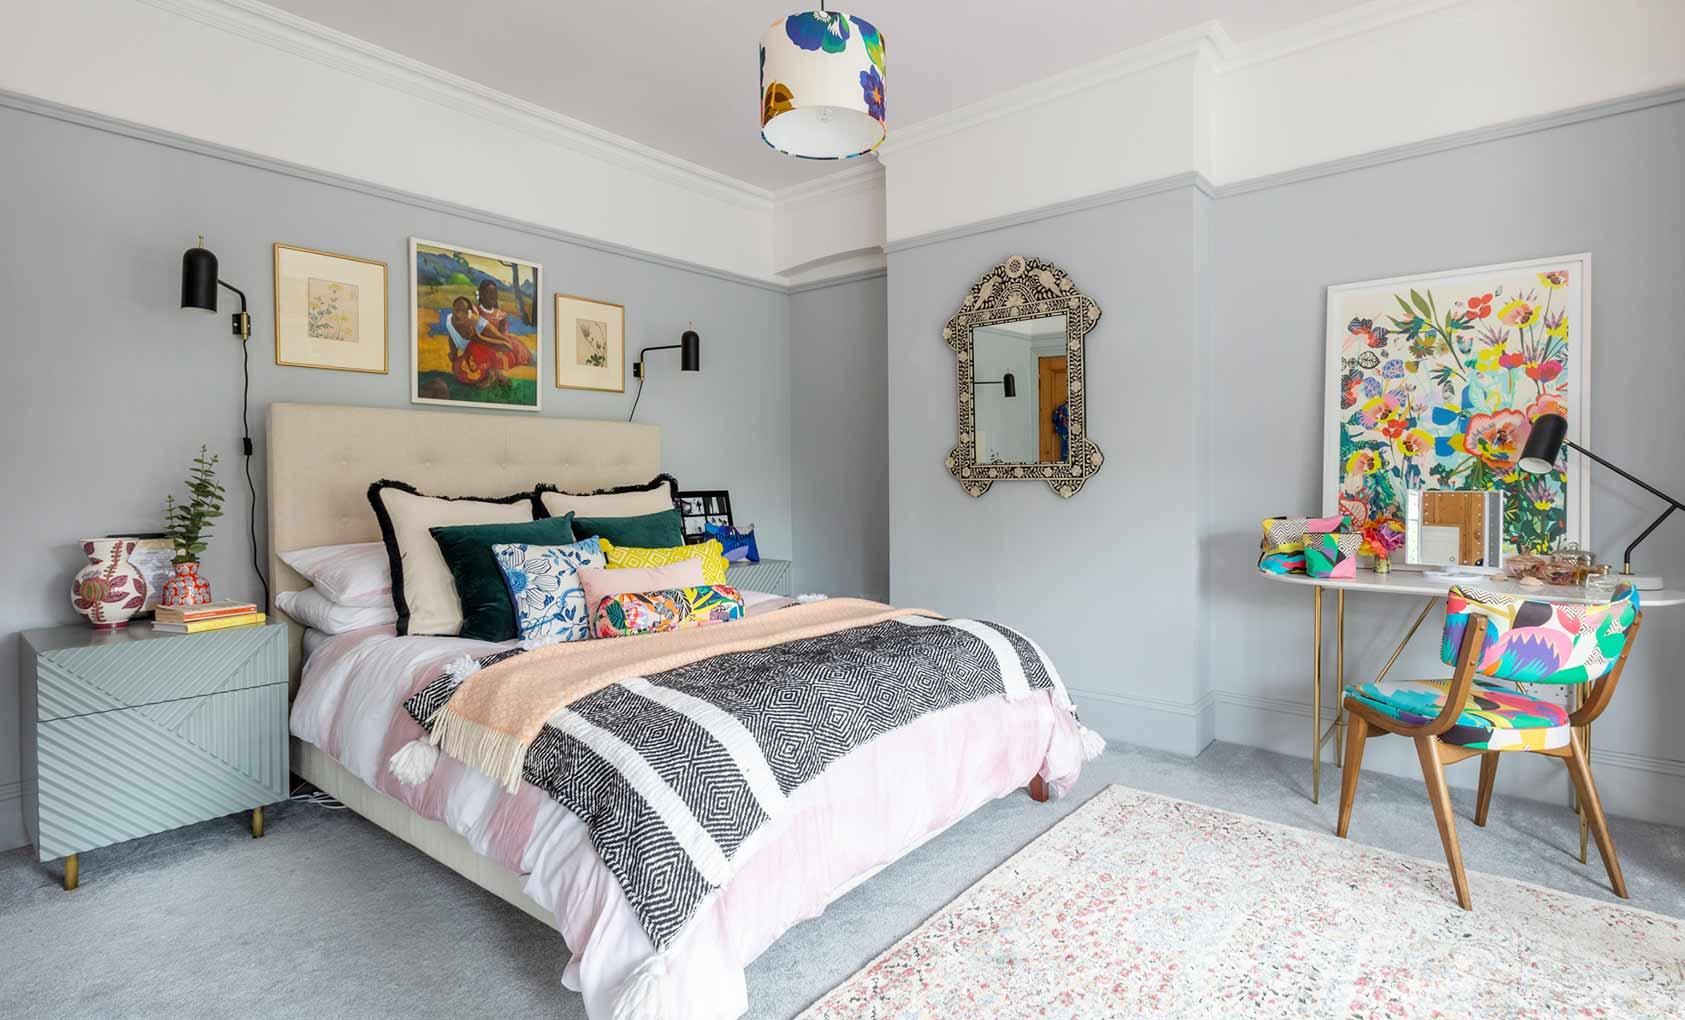 تصميم منزل إلى الأبد في كينت ، إنجلترا ، تصميم * إسفنجة